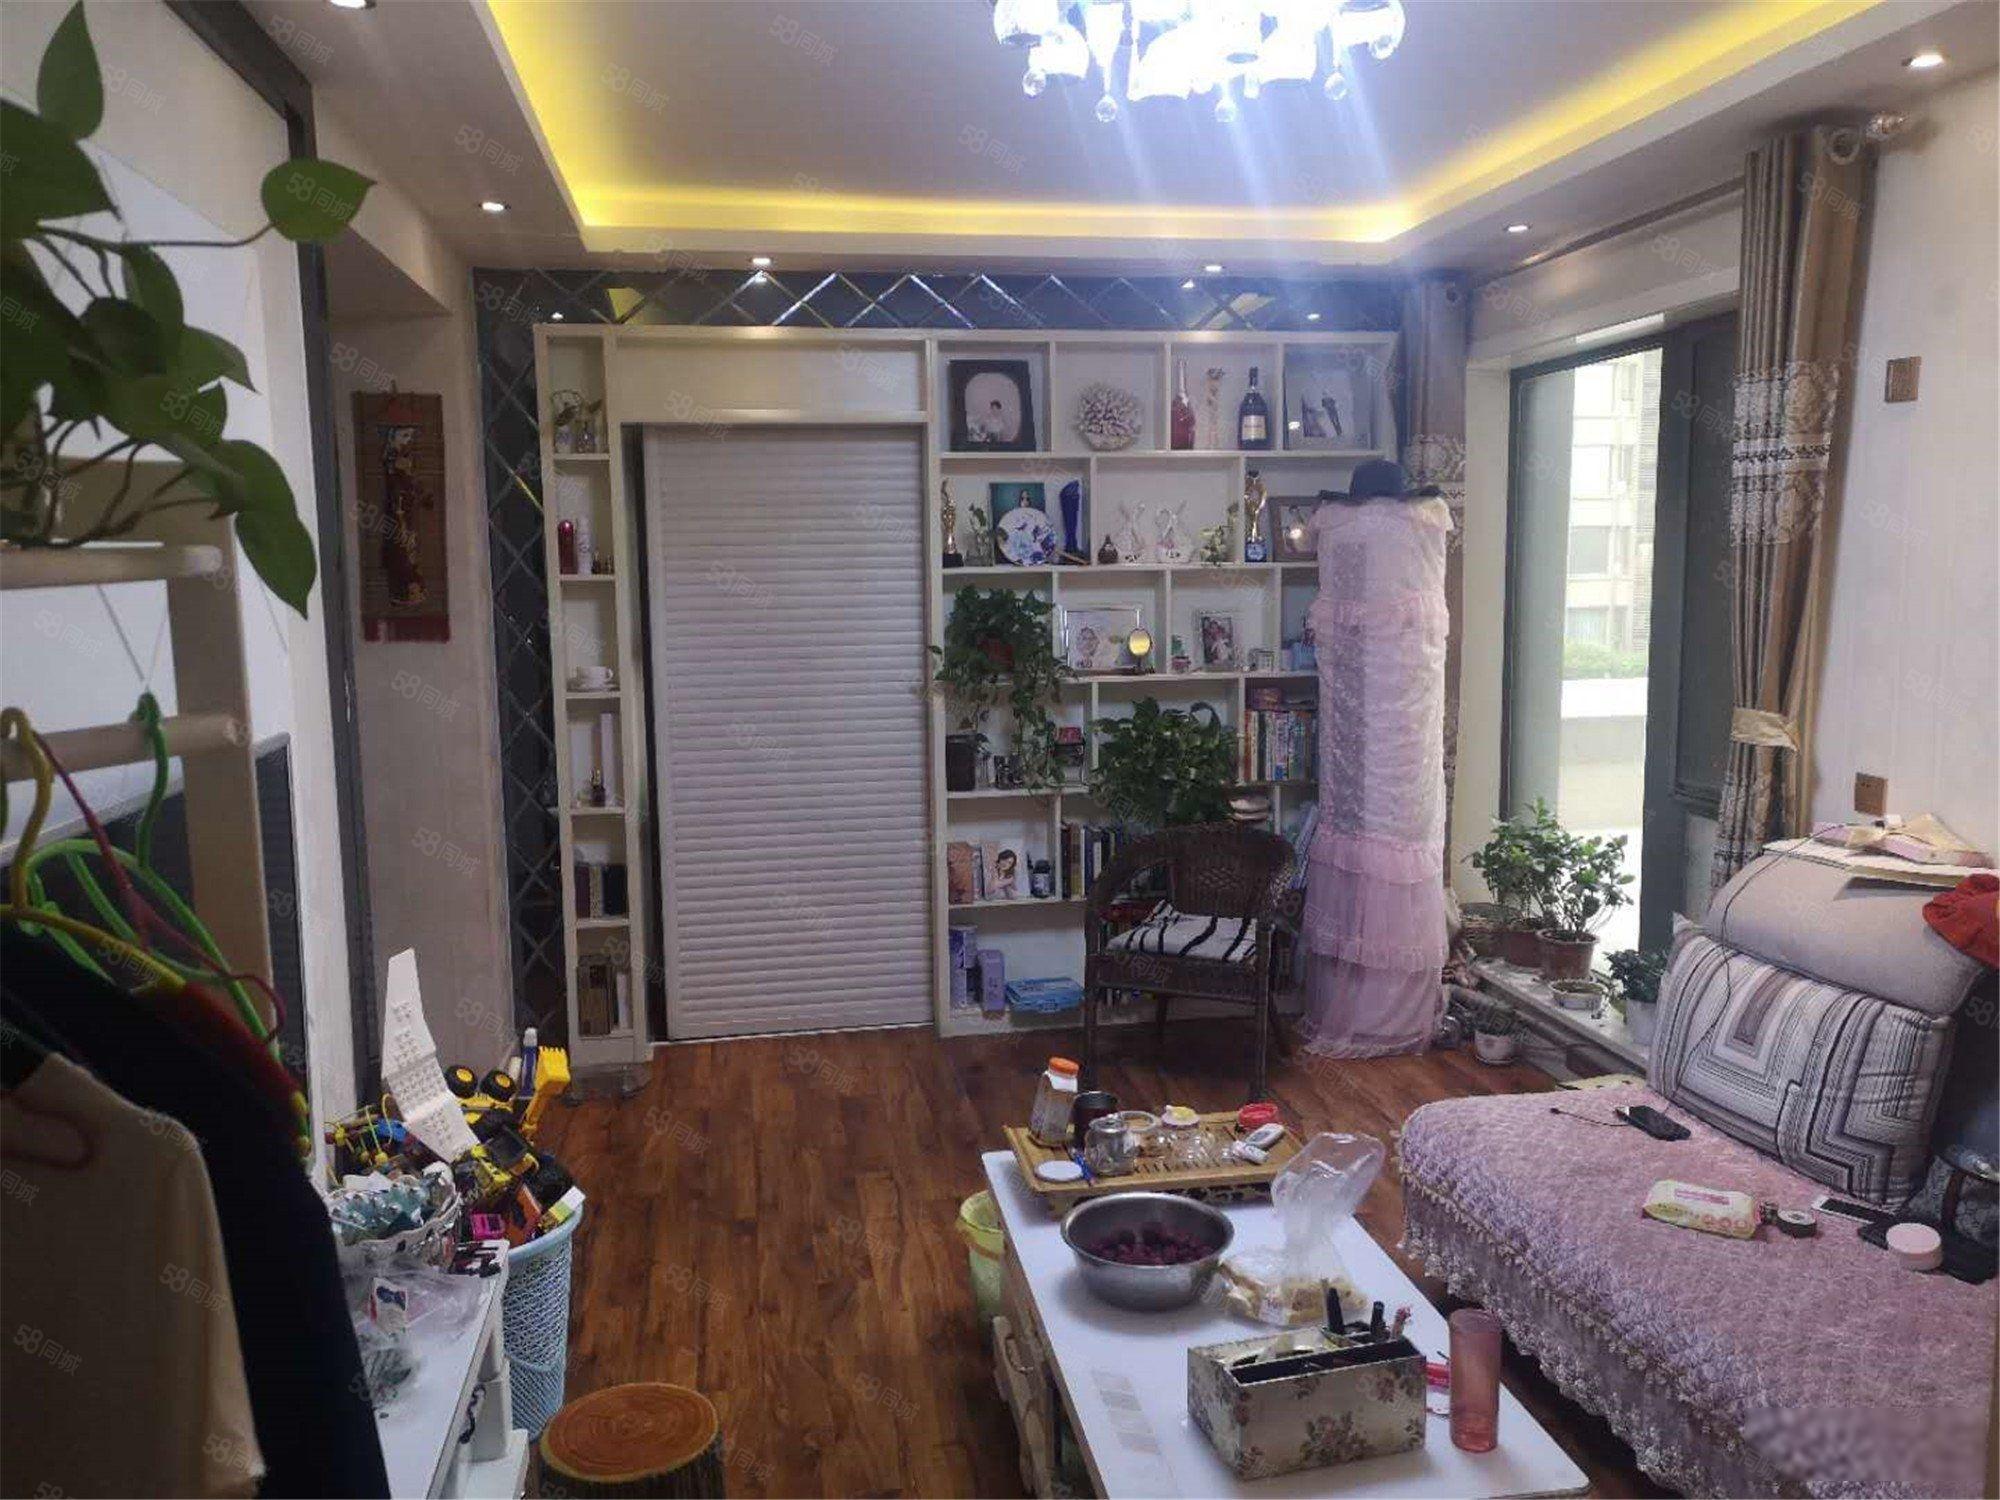 王城公園升龍廣場,品質小區,精裝小兩室,拎包入住